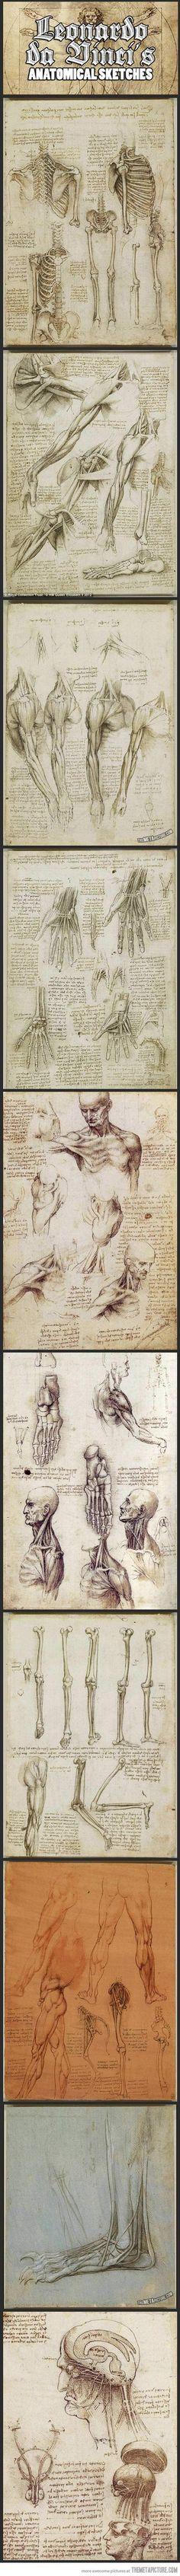 Leonardo da Vinci's anatomical sketches... - The Meta Picture